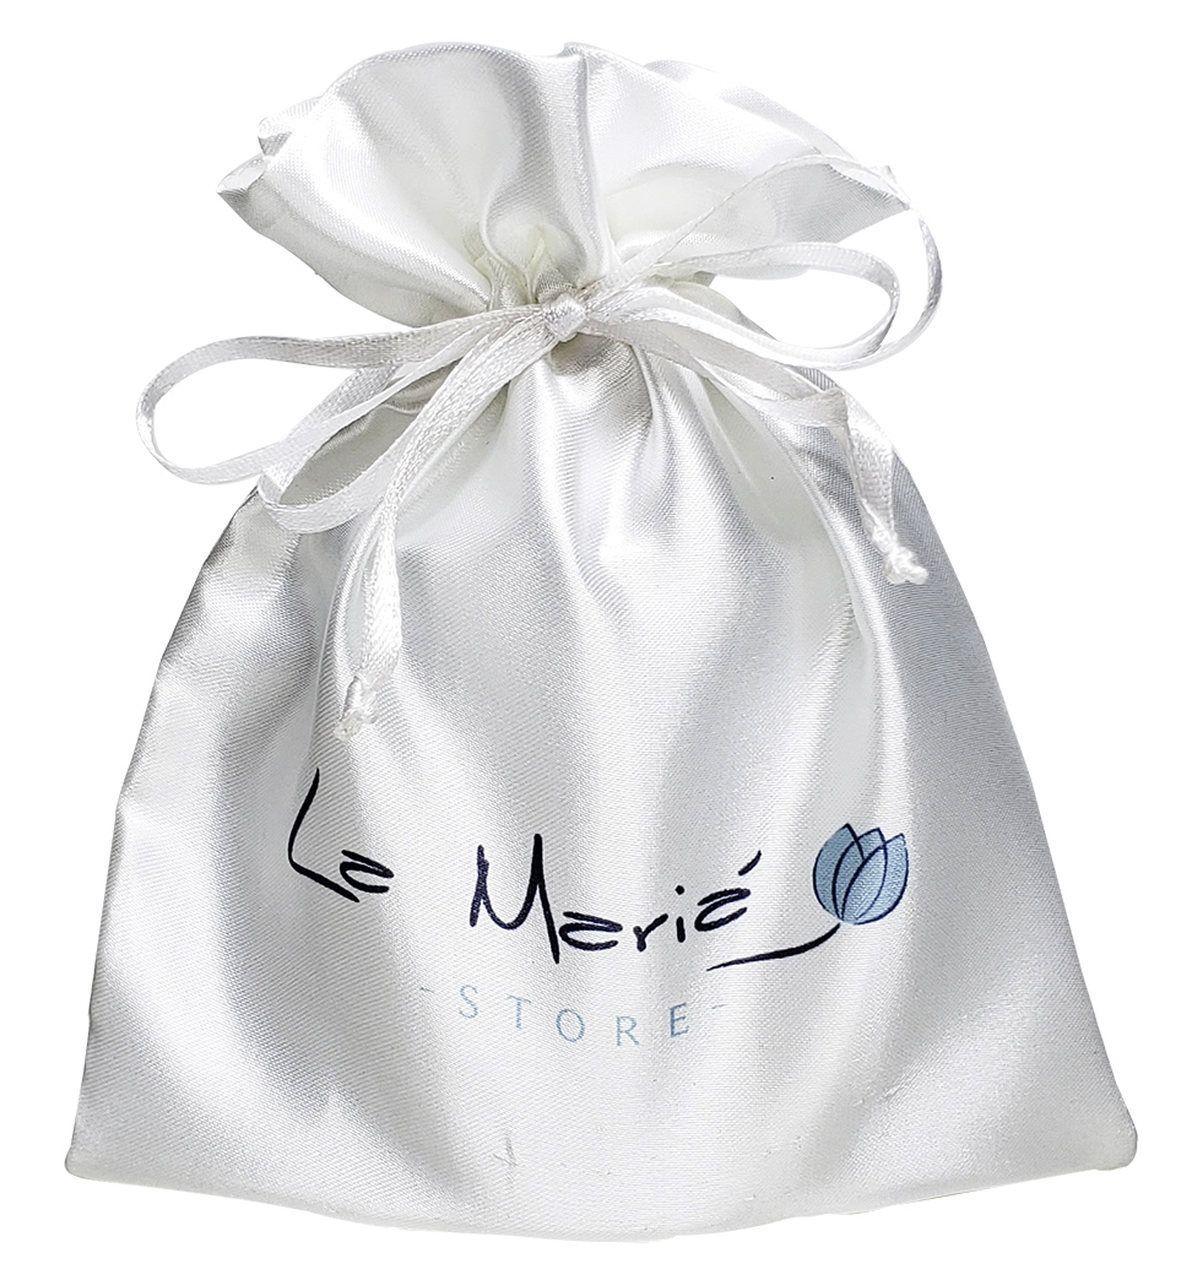 Saquinho de cetim para biquini - 20 x 30 - impressão colorida da logomarca -  Linha Classic  7085  - Litex Embalagens